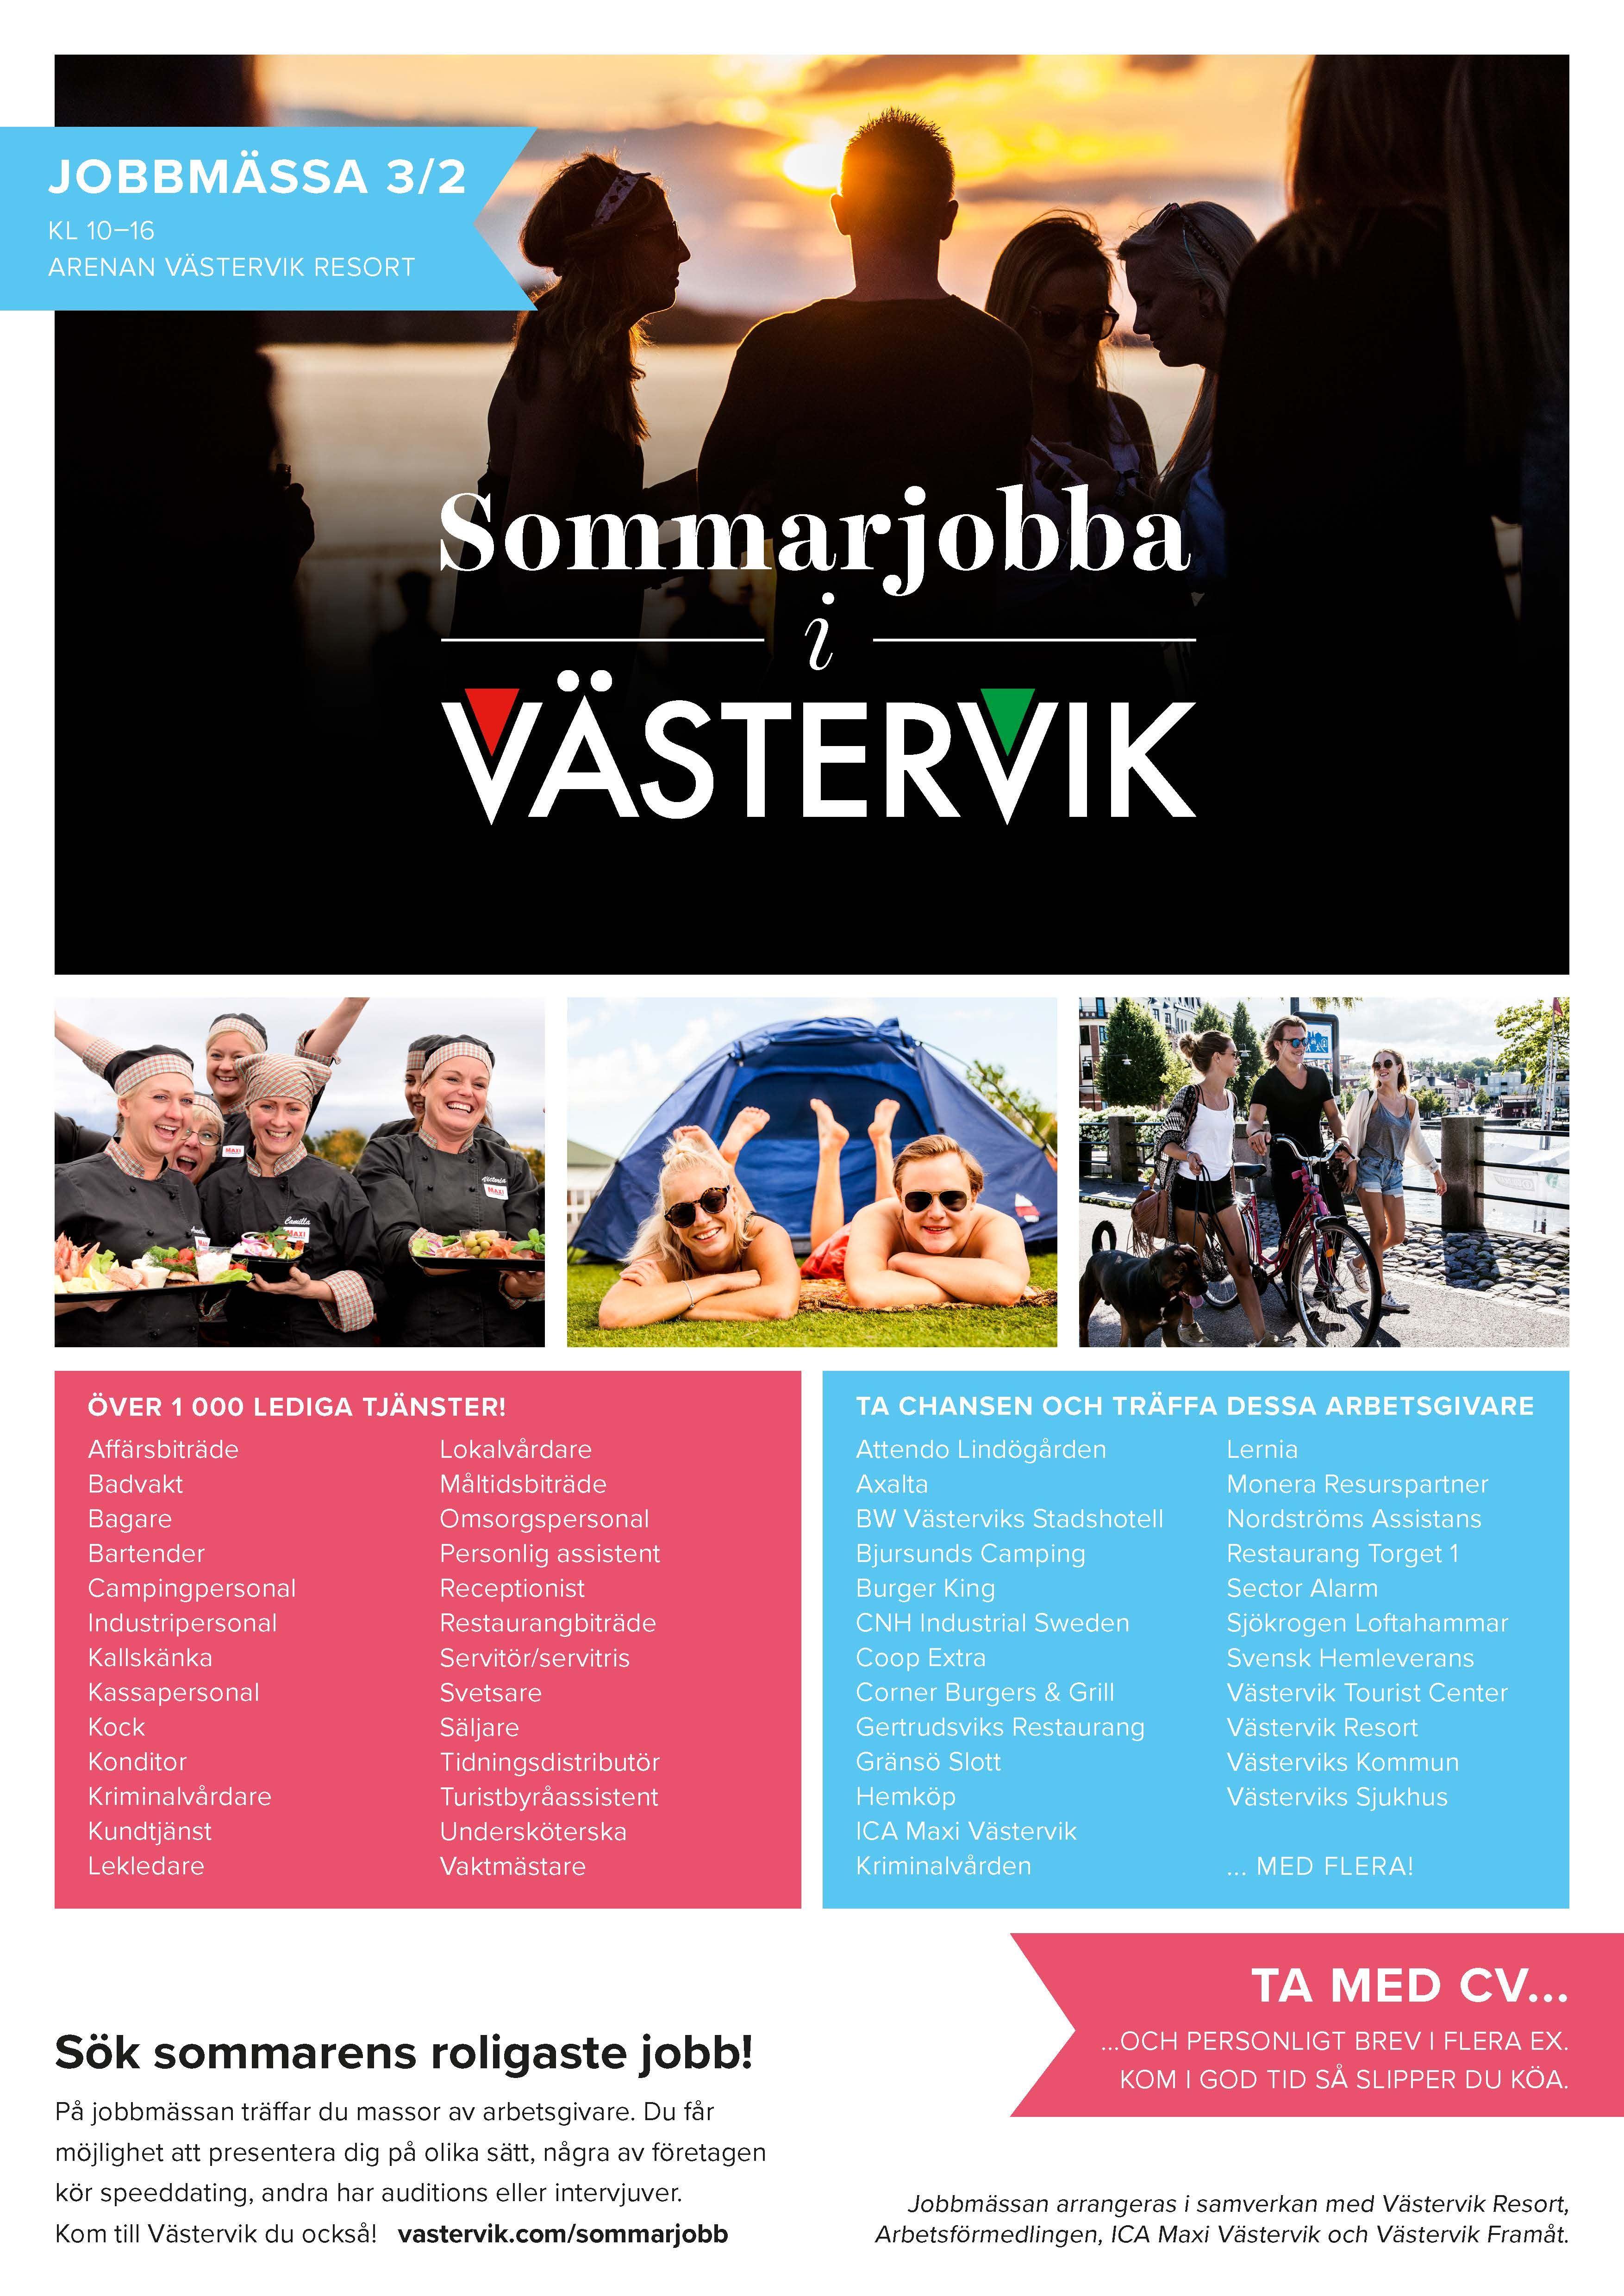 Sommarjobba i Västervik